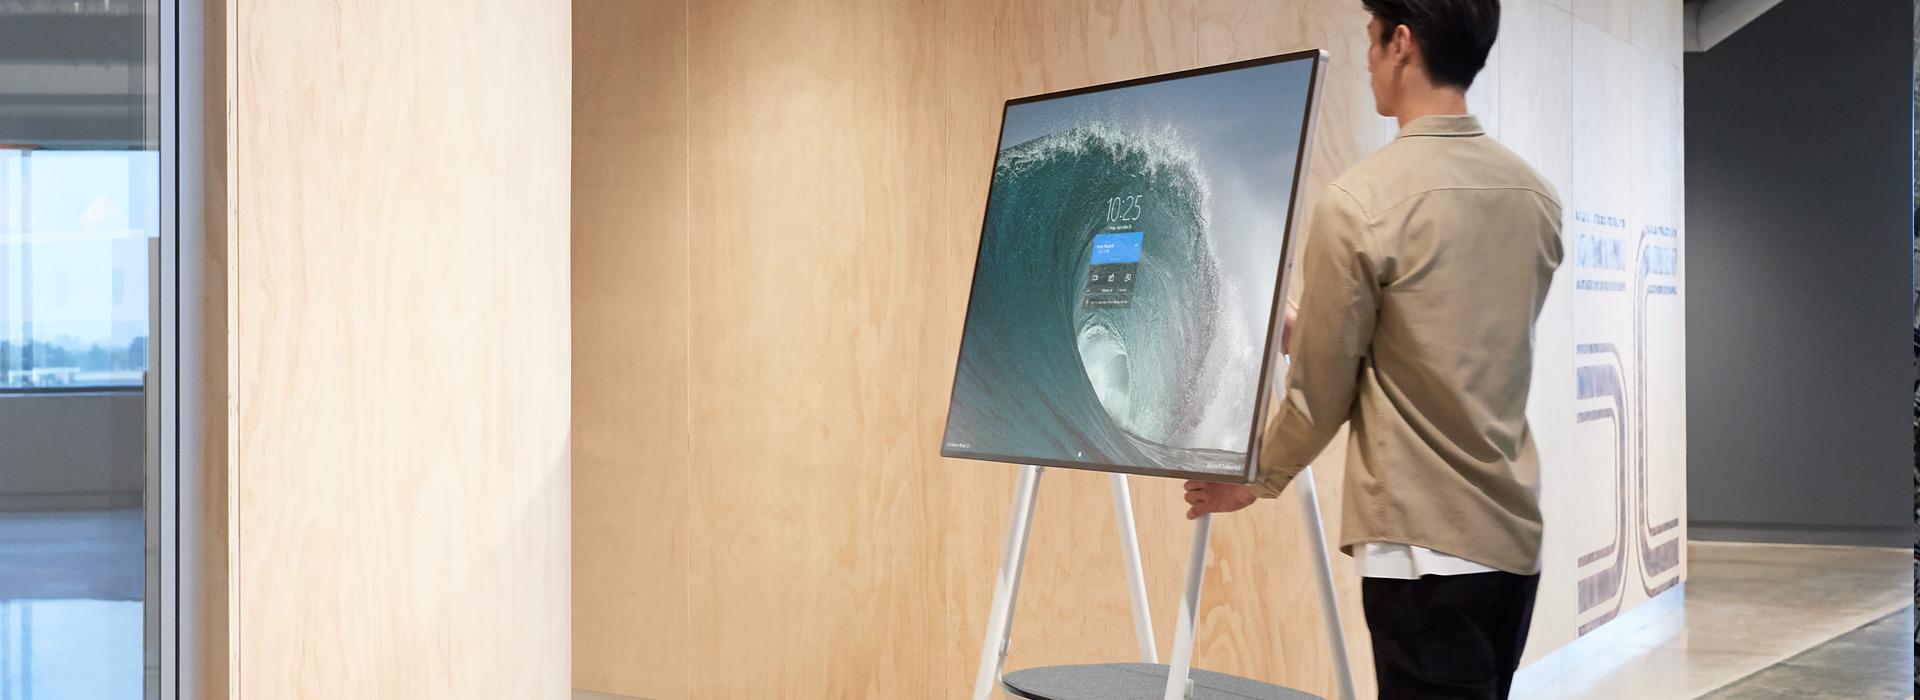 男人以行動移動架運送 Surface Hub 2S